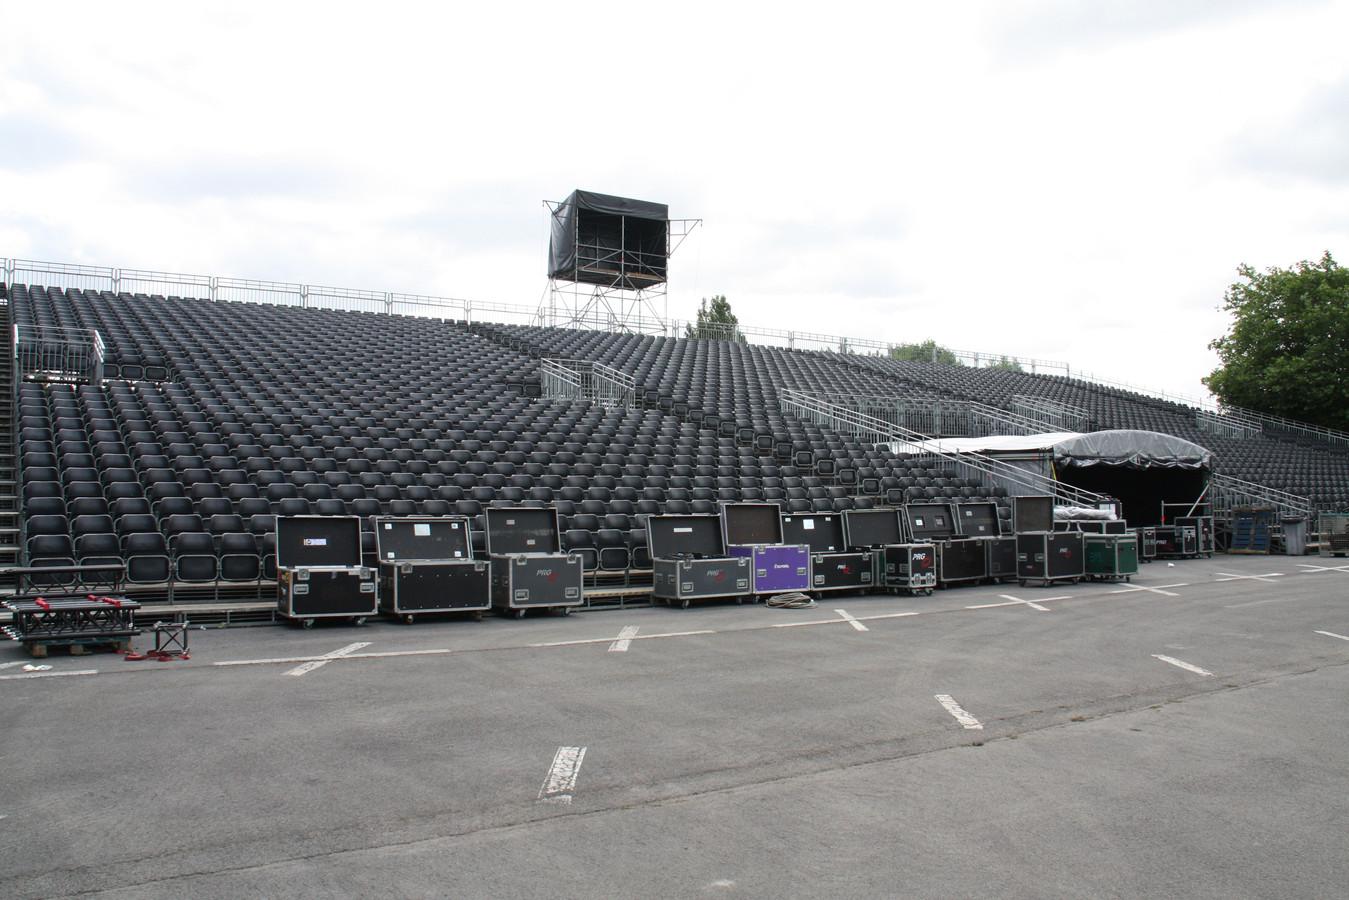 Nu nog een lege tribune, donderdag zijn alle zitjes bezet voor de eerste zomereditie van Night of the Proms in Koksijde